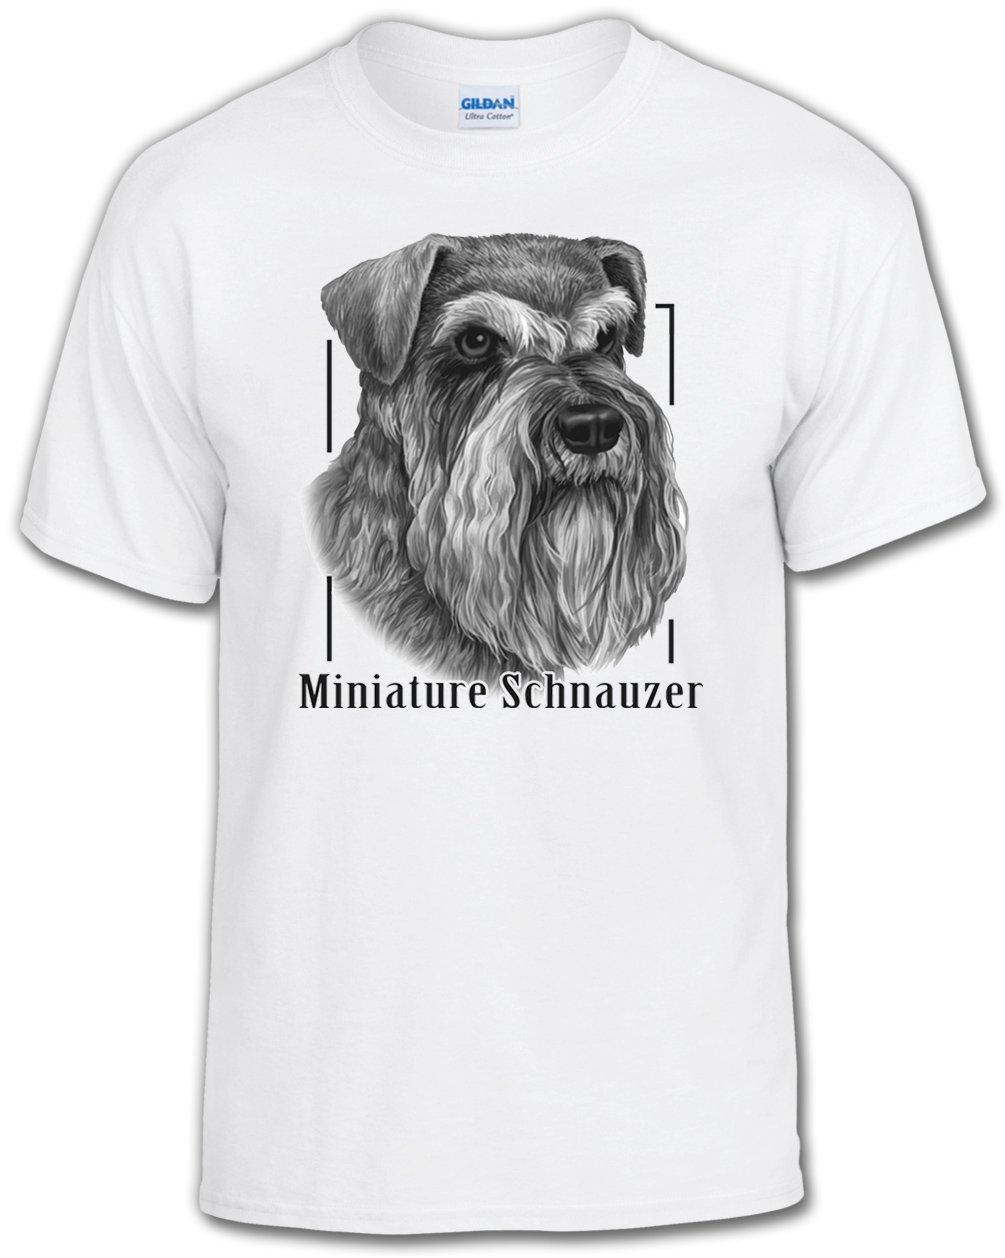 超人気高品質 Dog Lover Lover Tシャツ:ミニチュアシュナウザー Adult B01DCHHU1Y XXX-Large Adult ホワイト B01DCHHU1Y, 新潟菓子本舗:423d5dcd --- a0267596.xsph.ru